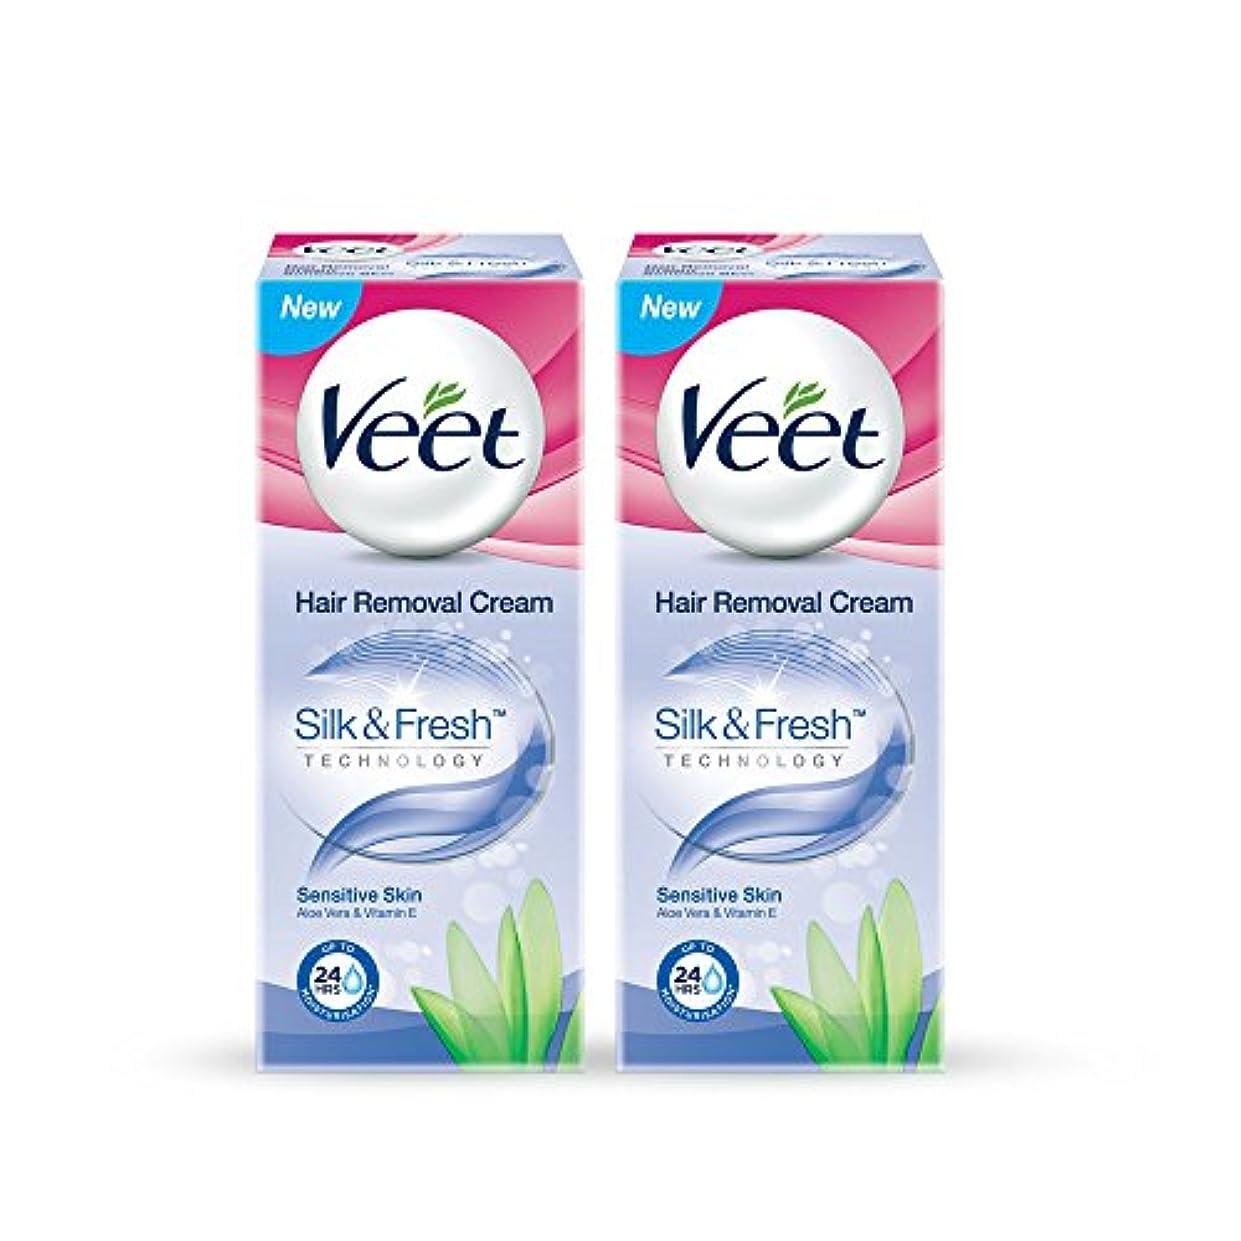 サミュエル溶接郵便Veet Hair Removal Gel Cream For Sensitive Skin With Aloe Vera and Vitamin E 25 g (Pack of 2)